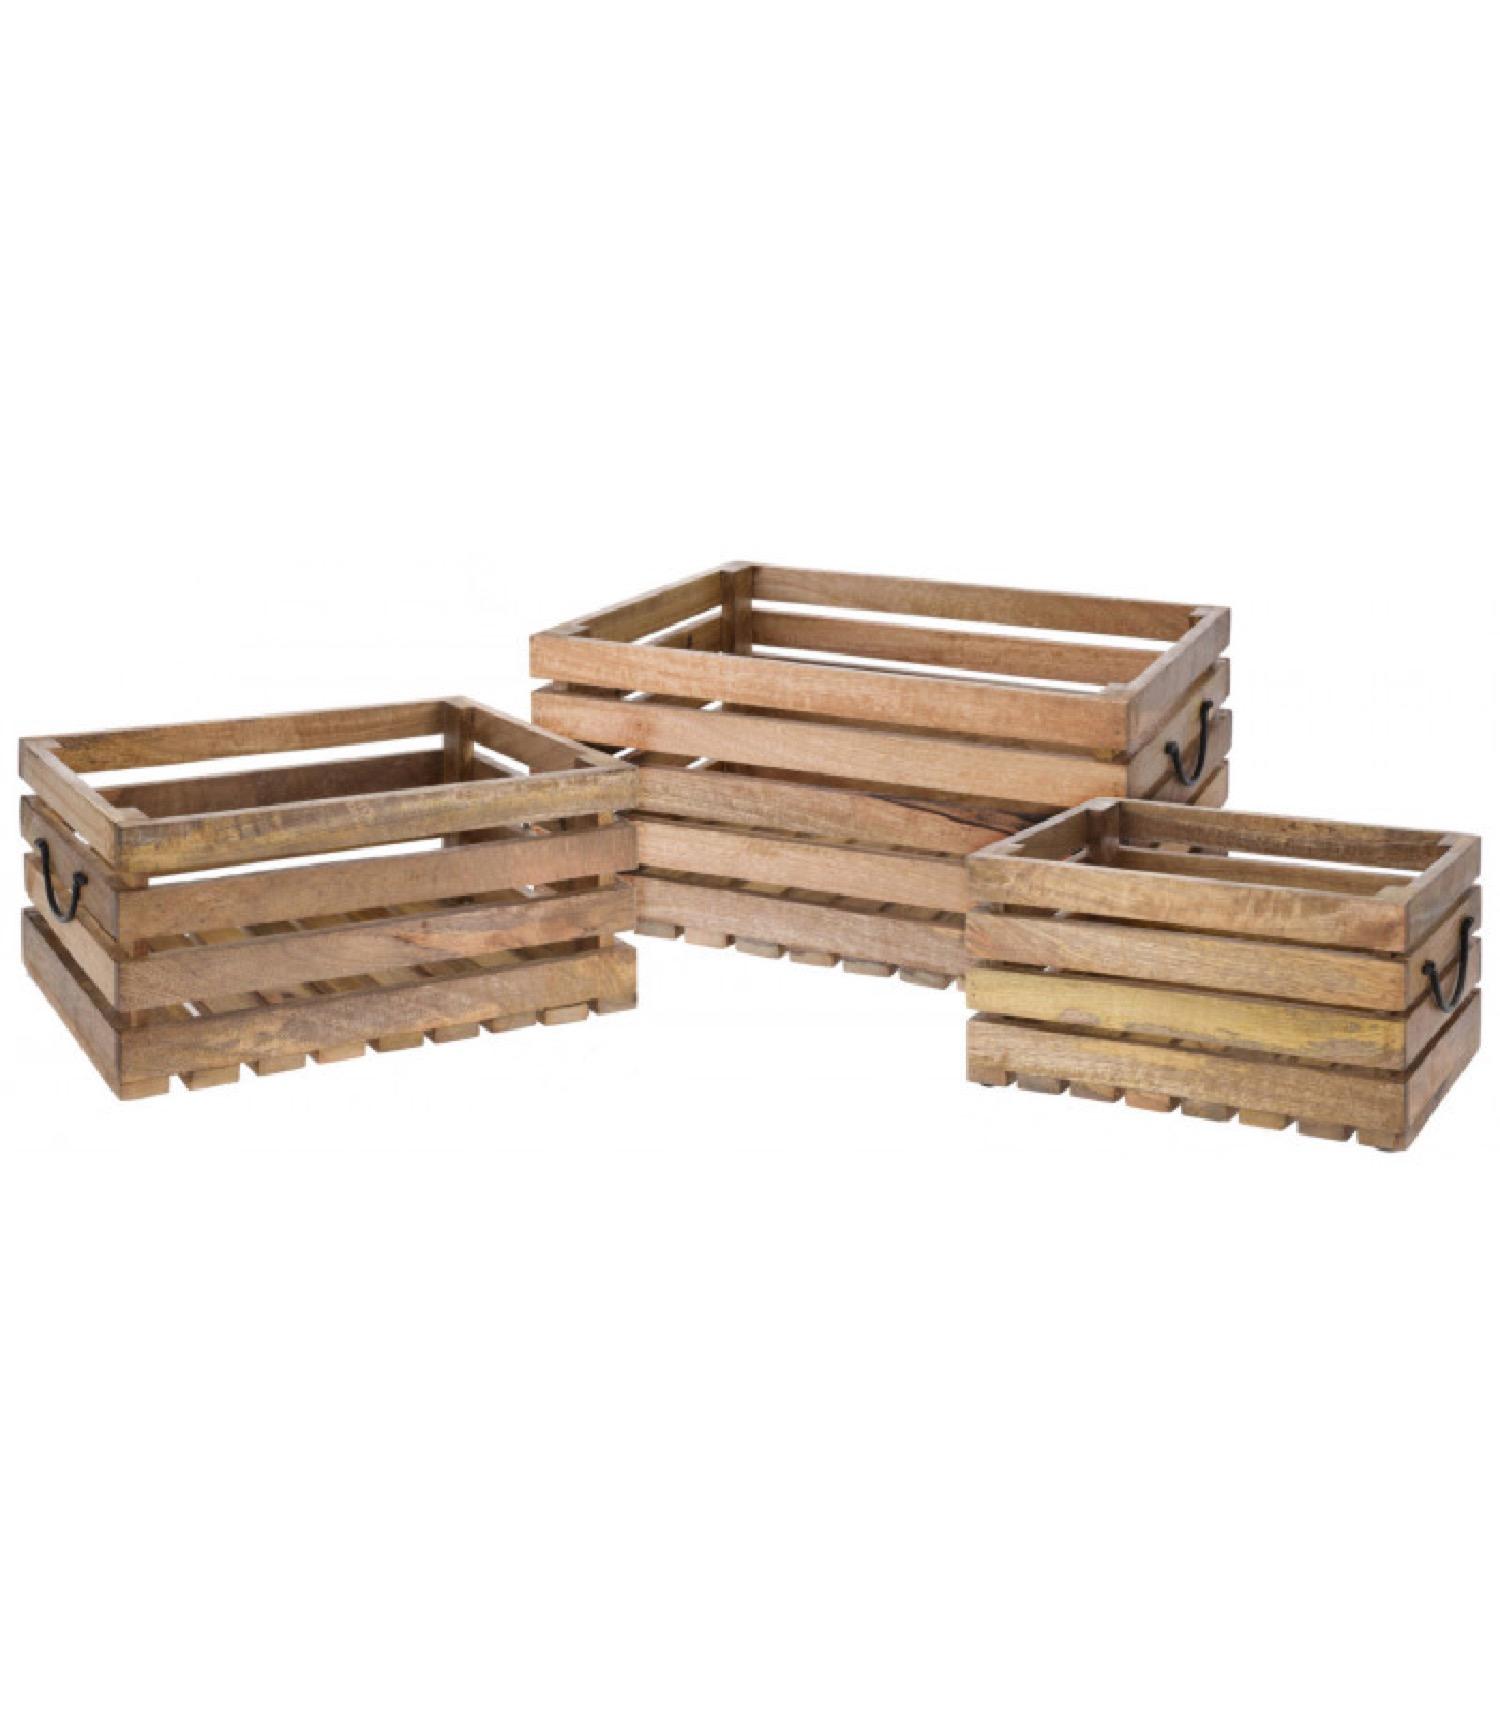 Caisses en bois style caisses à fruits - Lot de 3